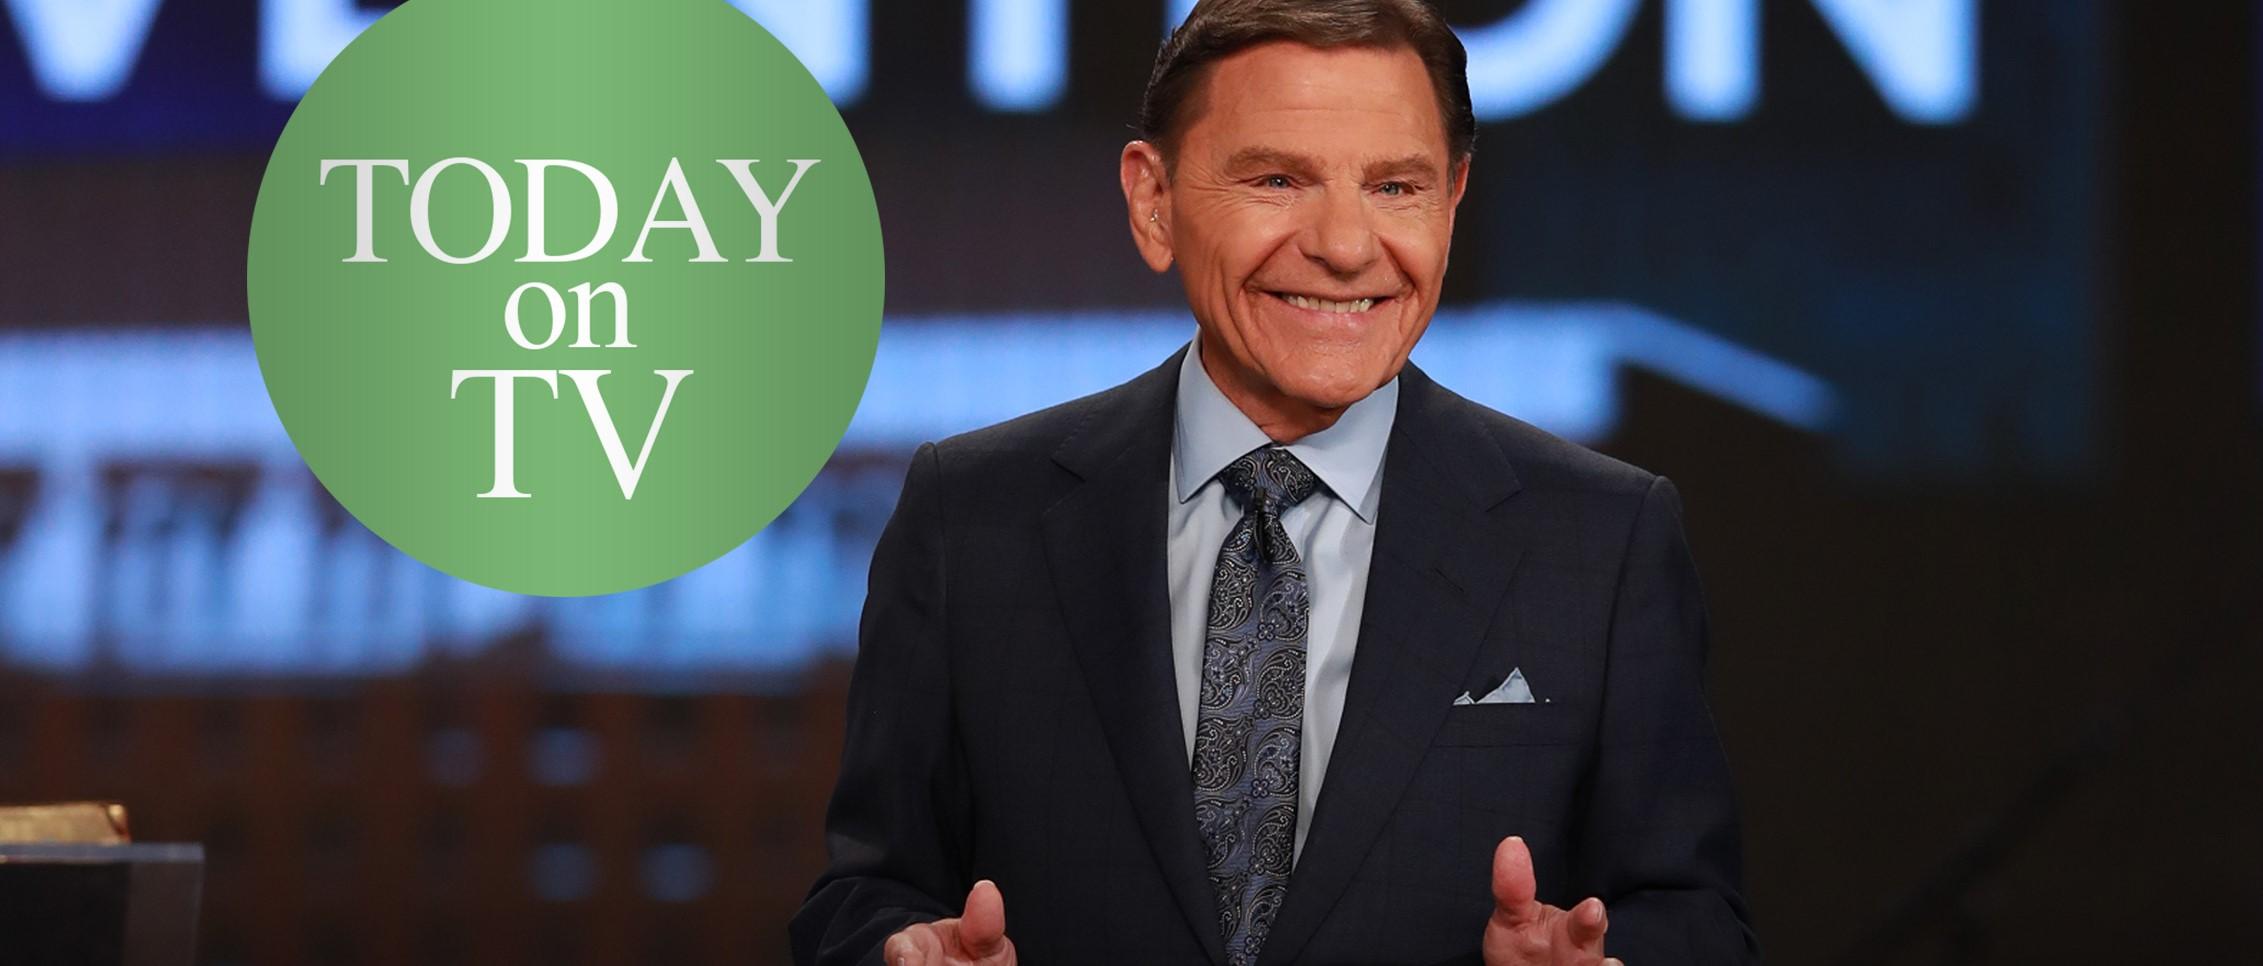 BVOV TV link 22-Feb-2021 - Faith Is Now